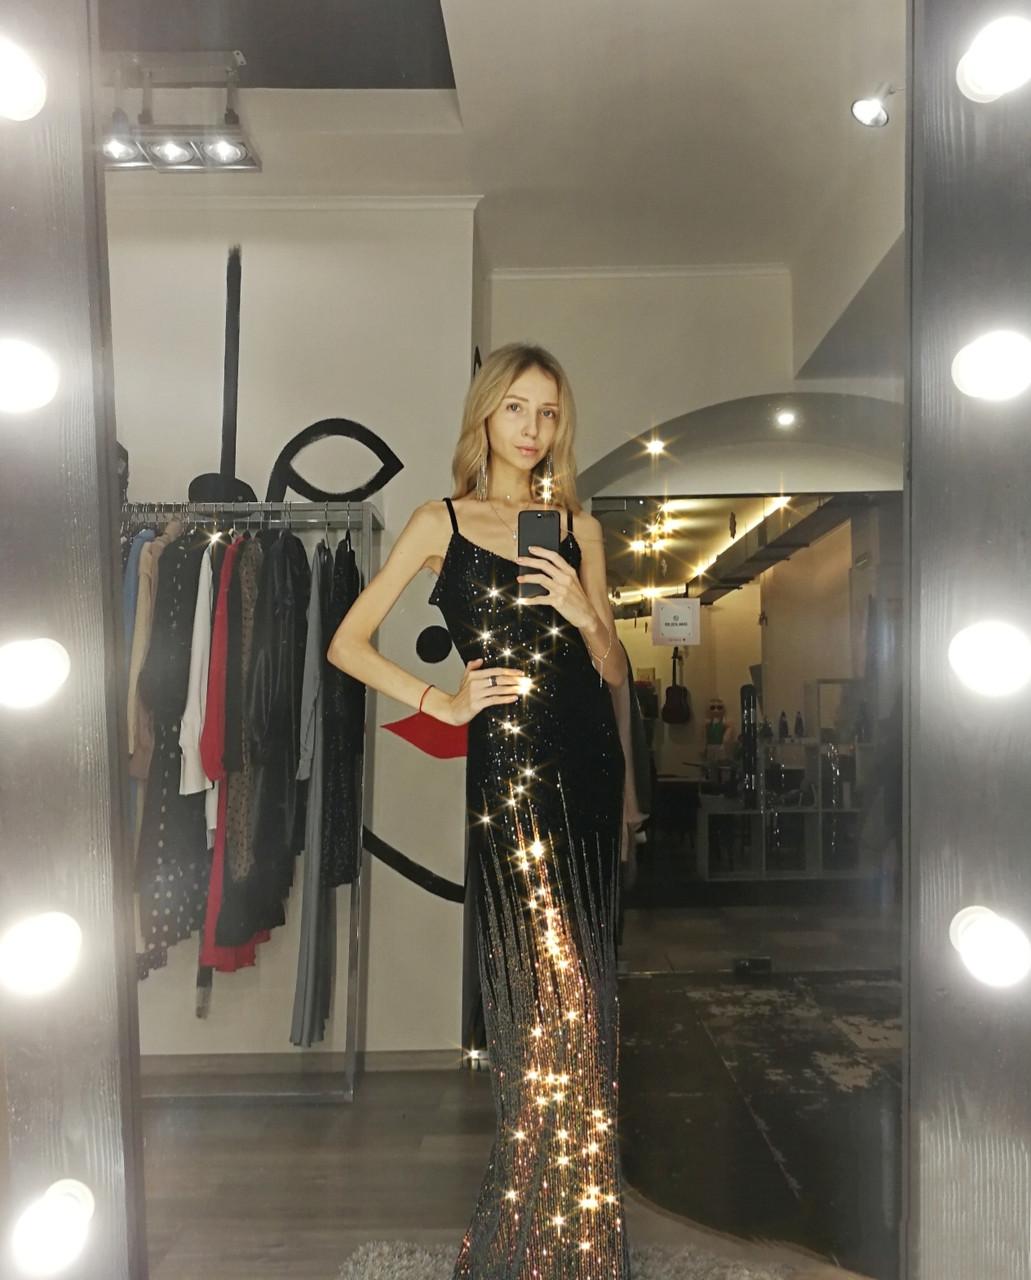 Шикарное сексуальное блестящее облегающее платье с пайетками на бретелях нарядное черное золотое длинное